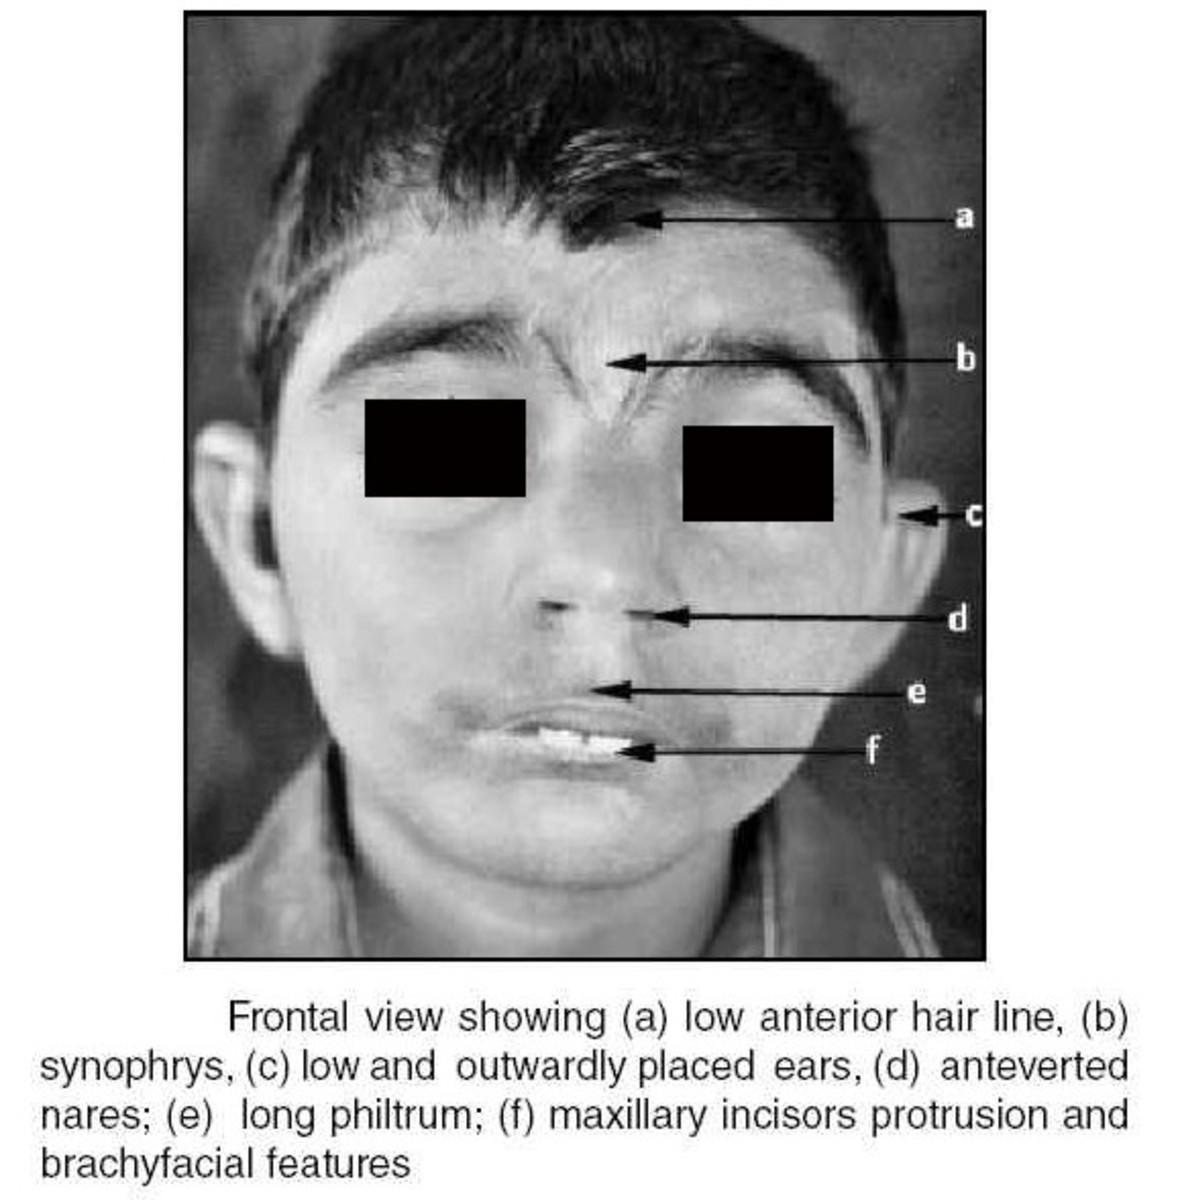 Cornelia de Lange Syndrome - Pictures, Symptoms, Life Expectancy ...